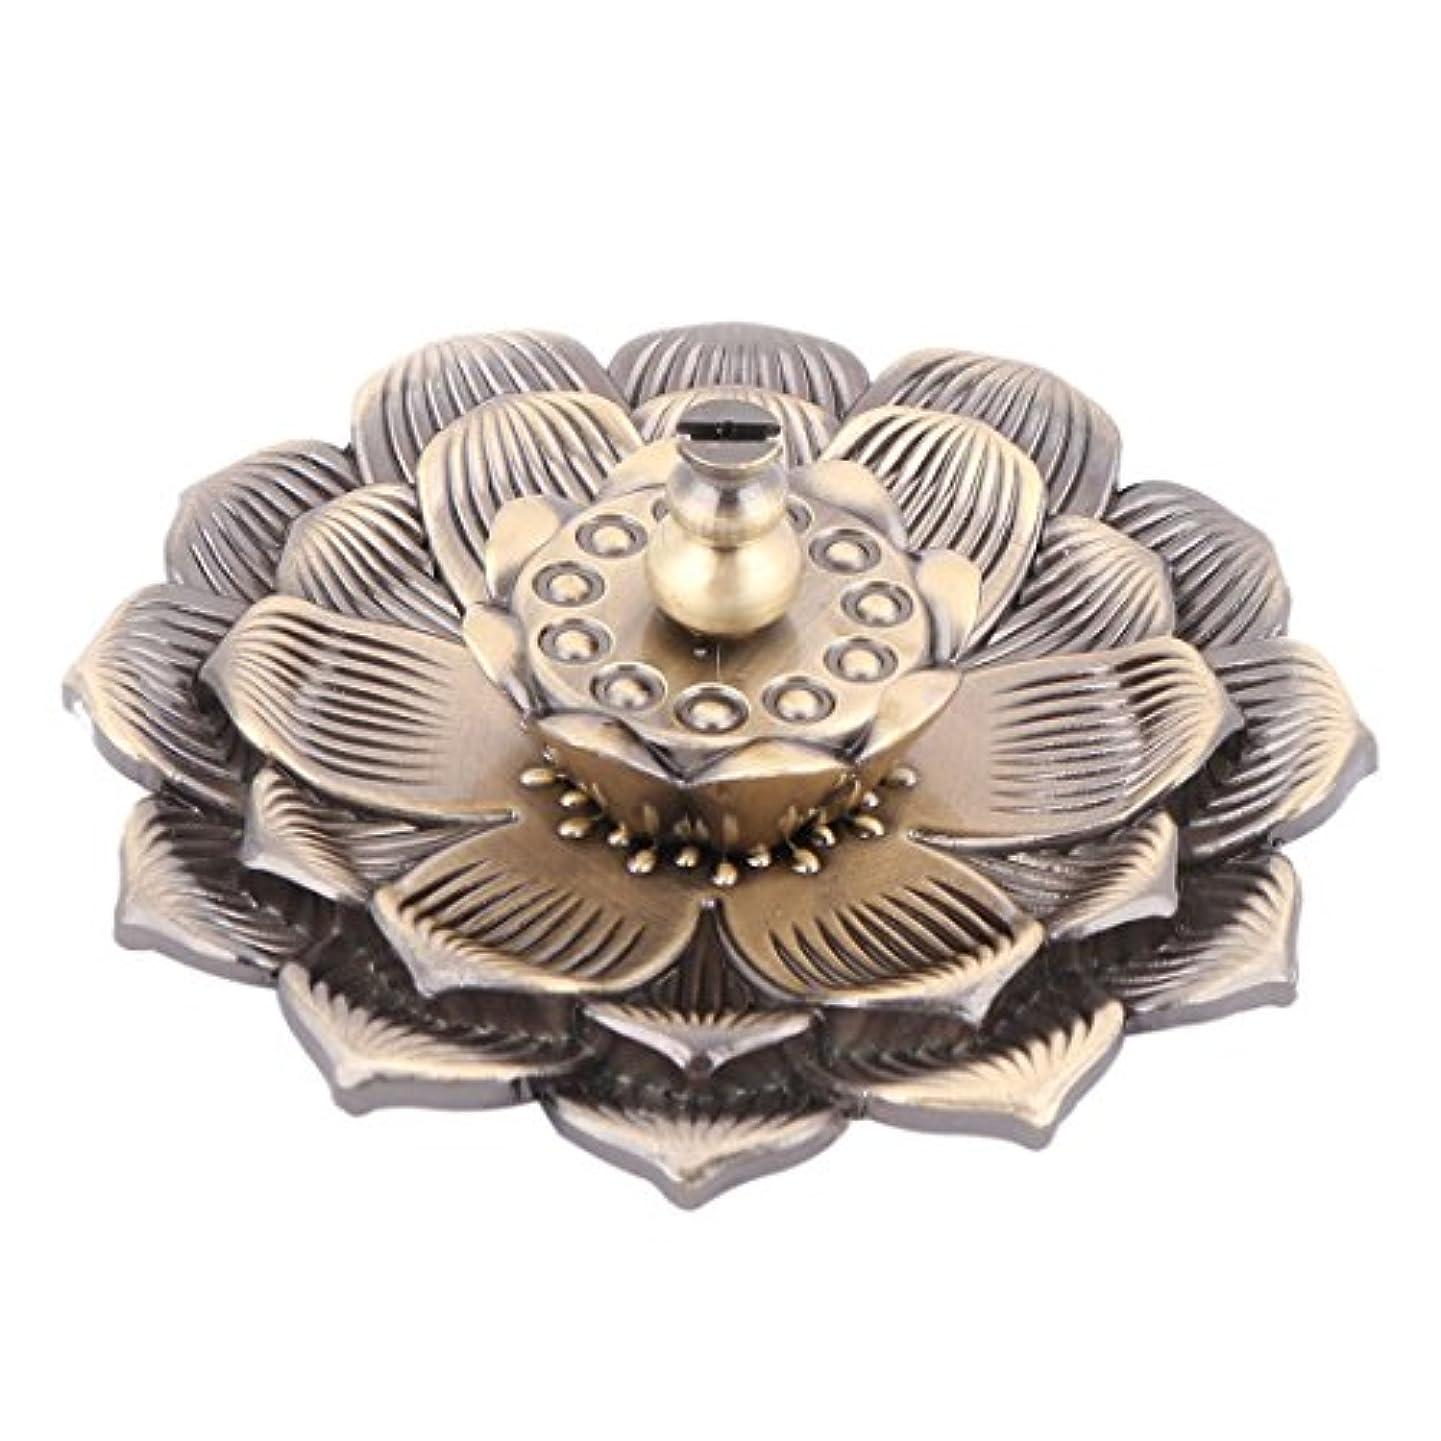 かどうかジェムカブuxcell 香炉ホルダー お香立て インセンスホルダー 蓮 ロータス 花型 セット 金属製 家庭用 直径10cm ブロンズ